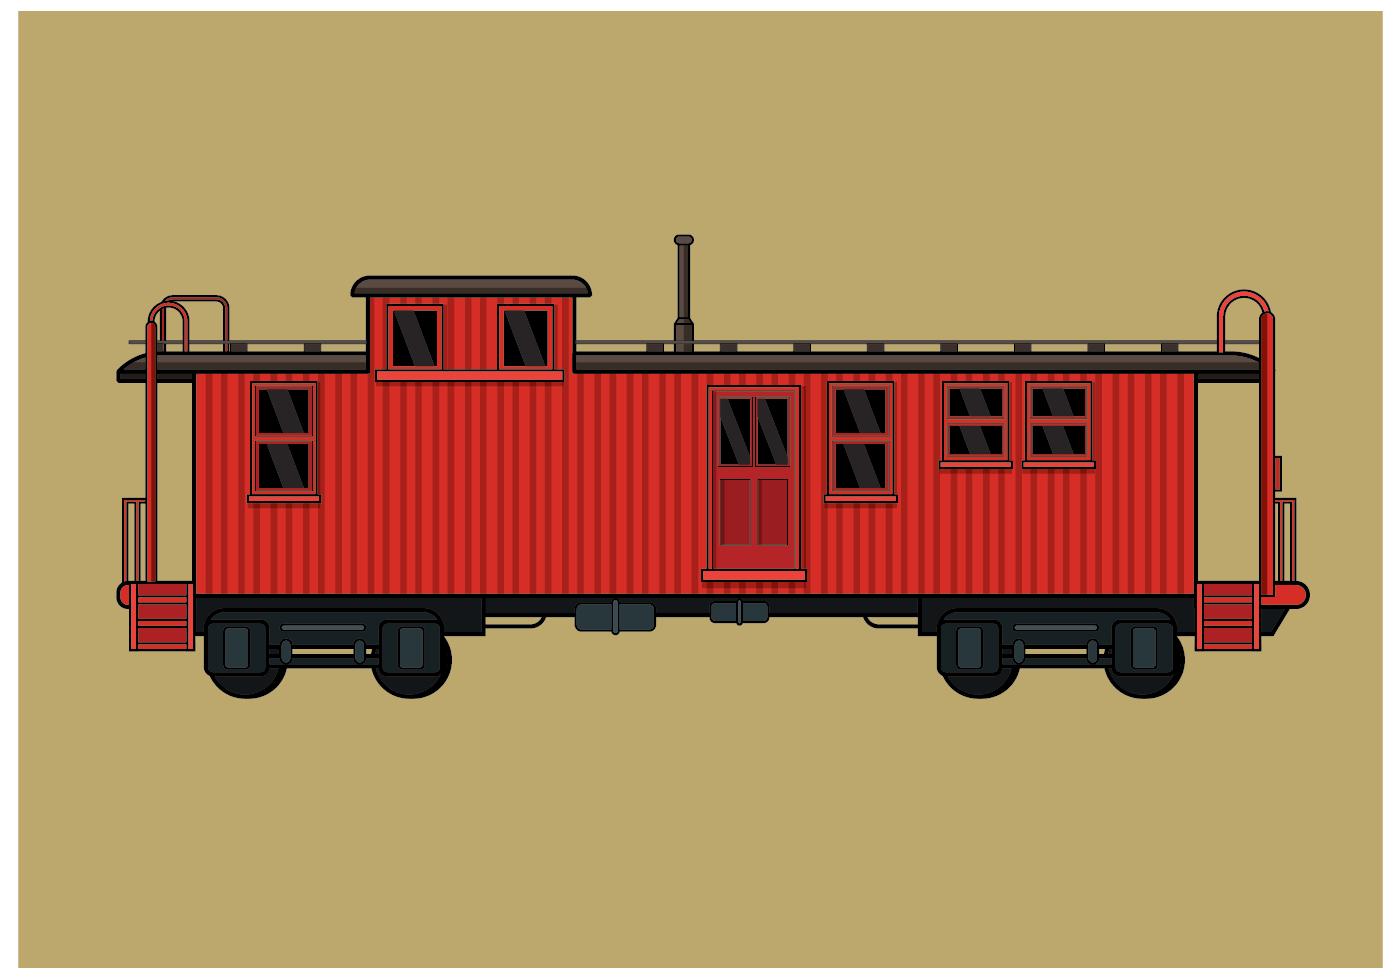 火車插畫 免費下載 | 天天瘋後製